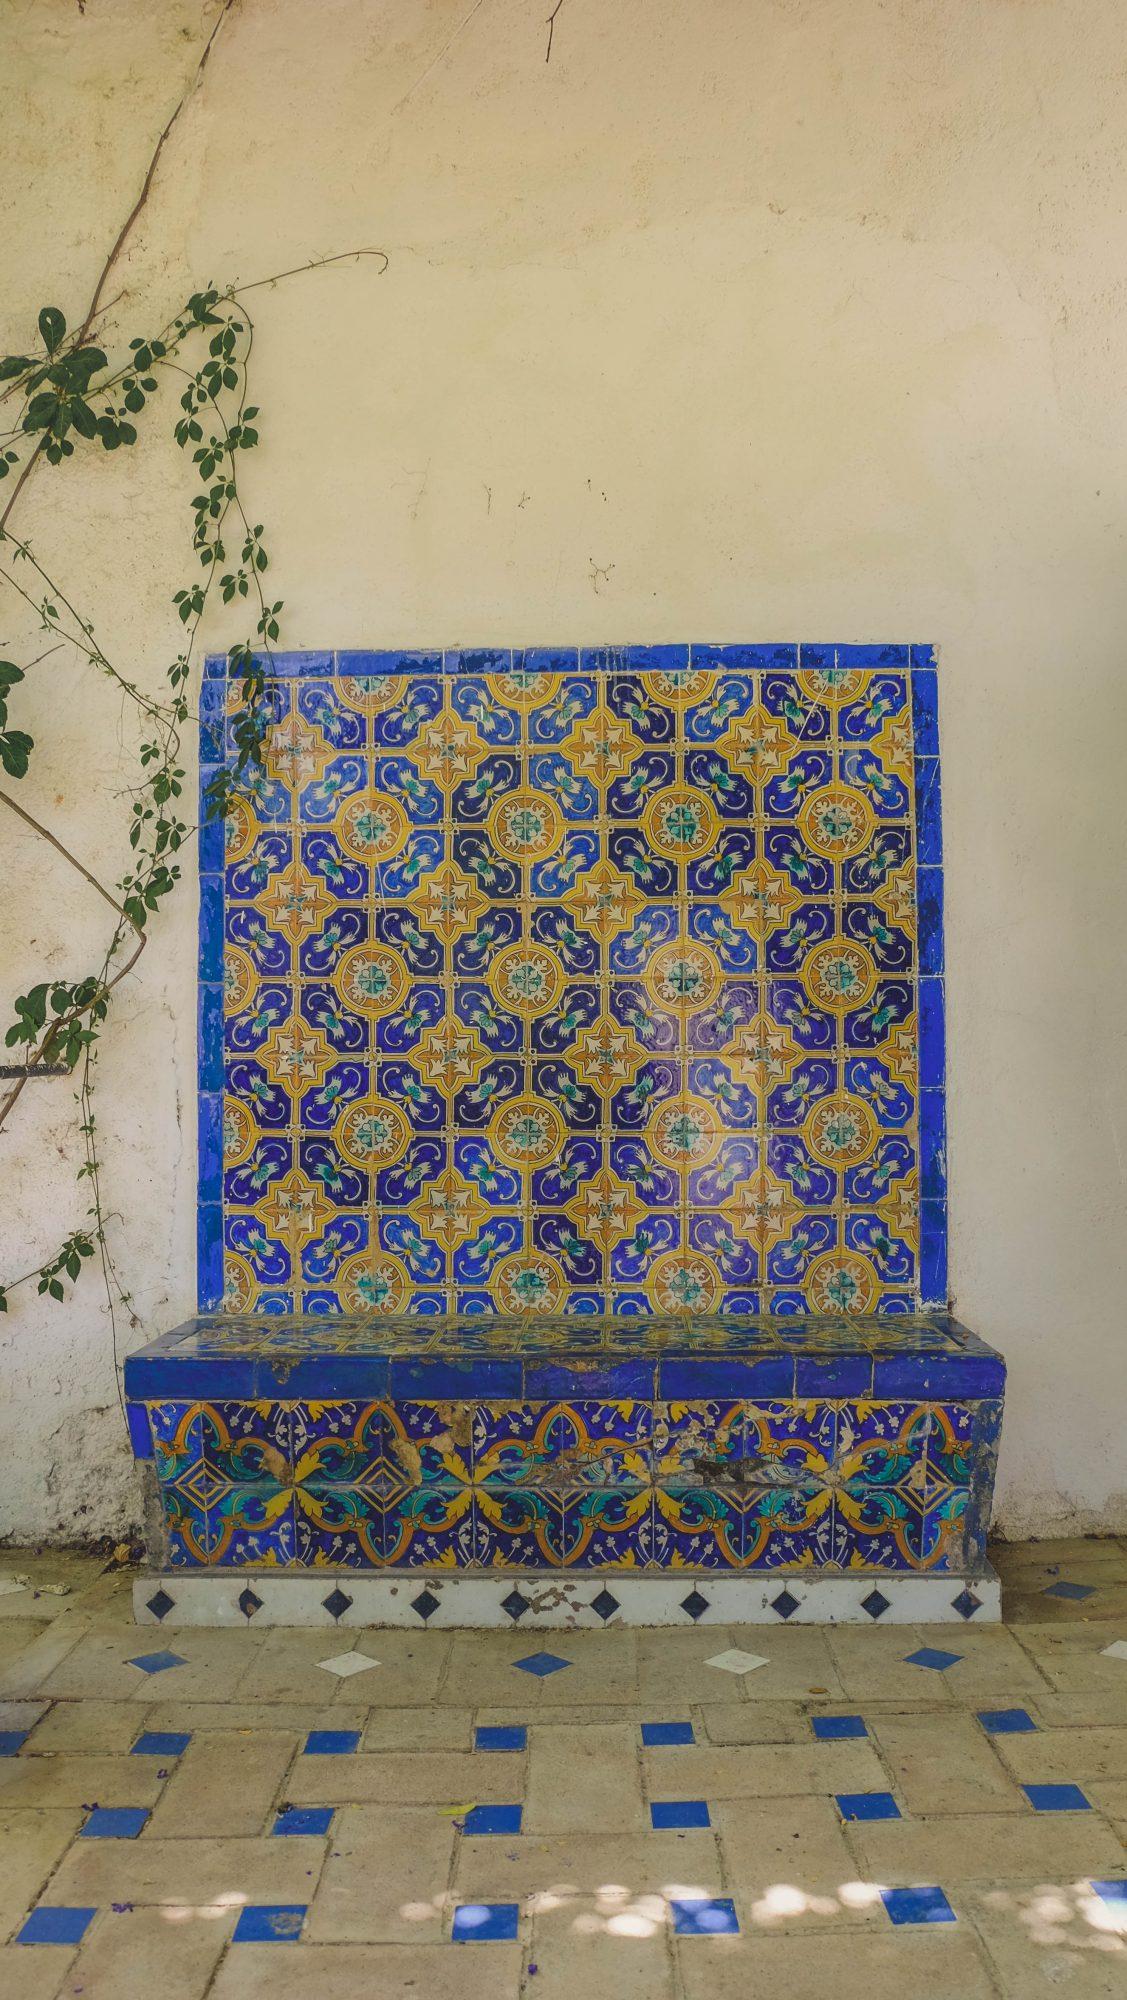 Mosaique - Ronda, Espagne